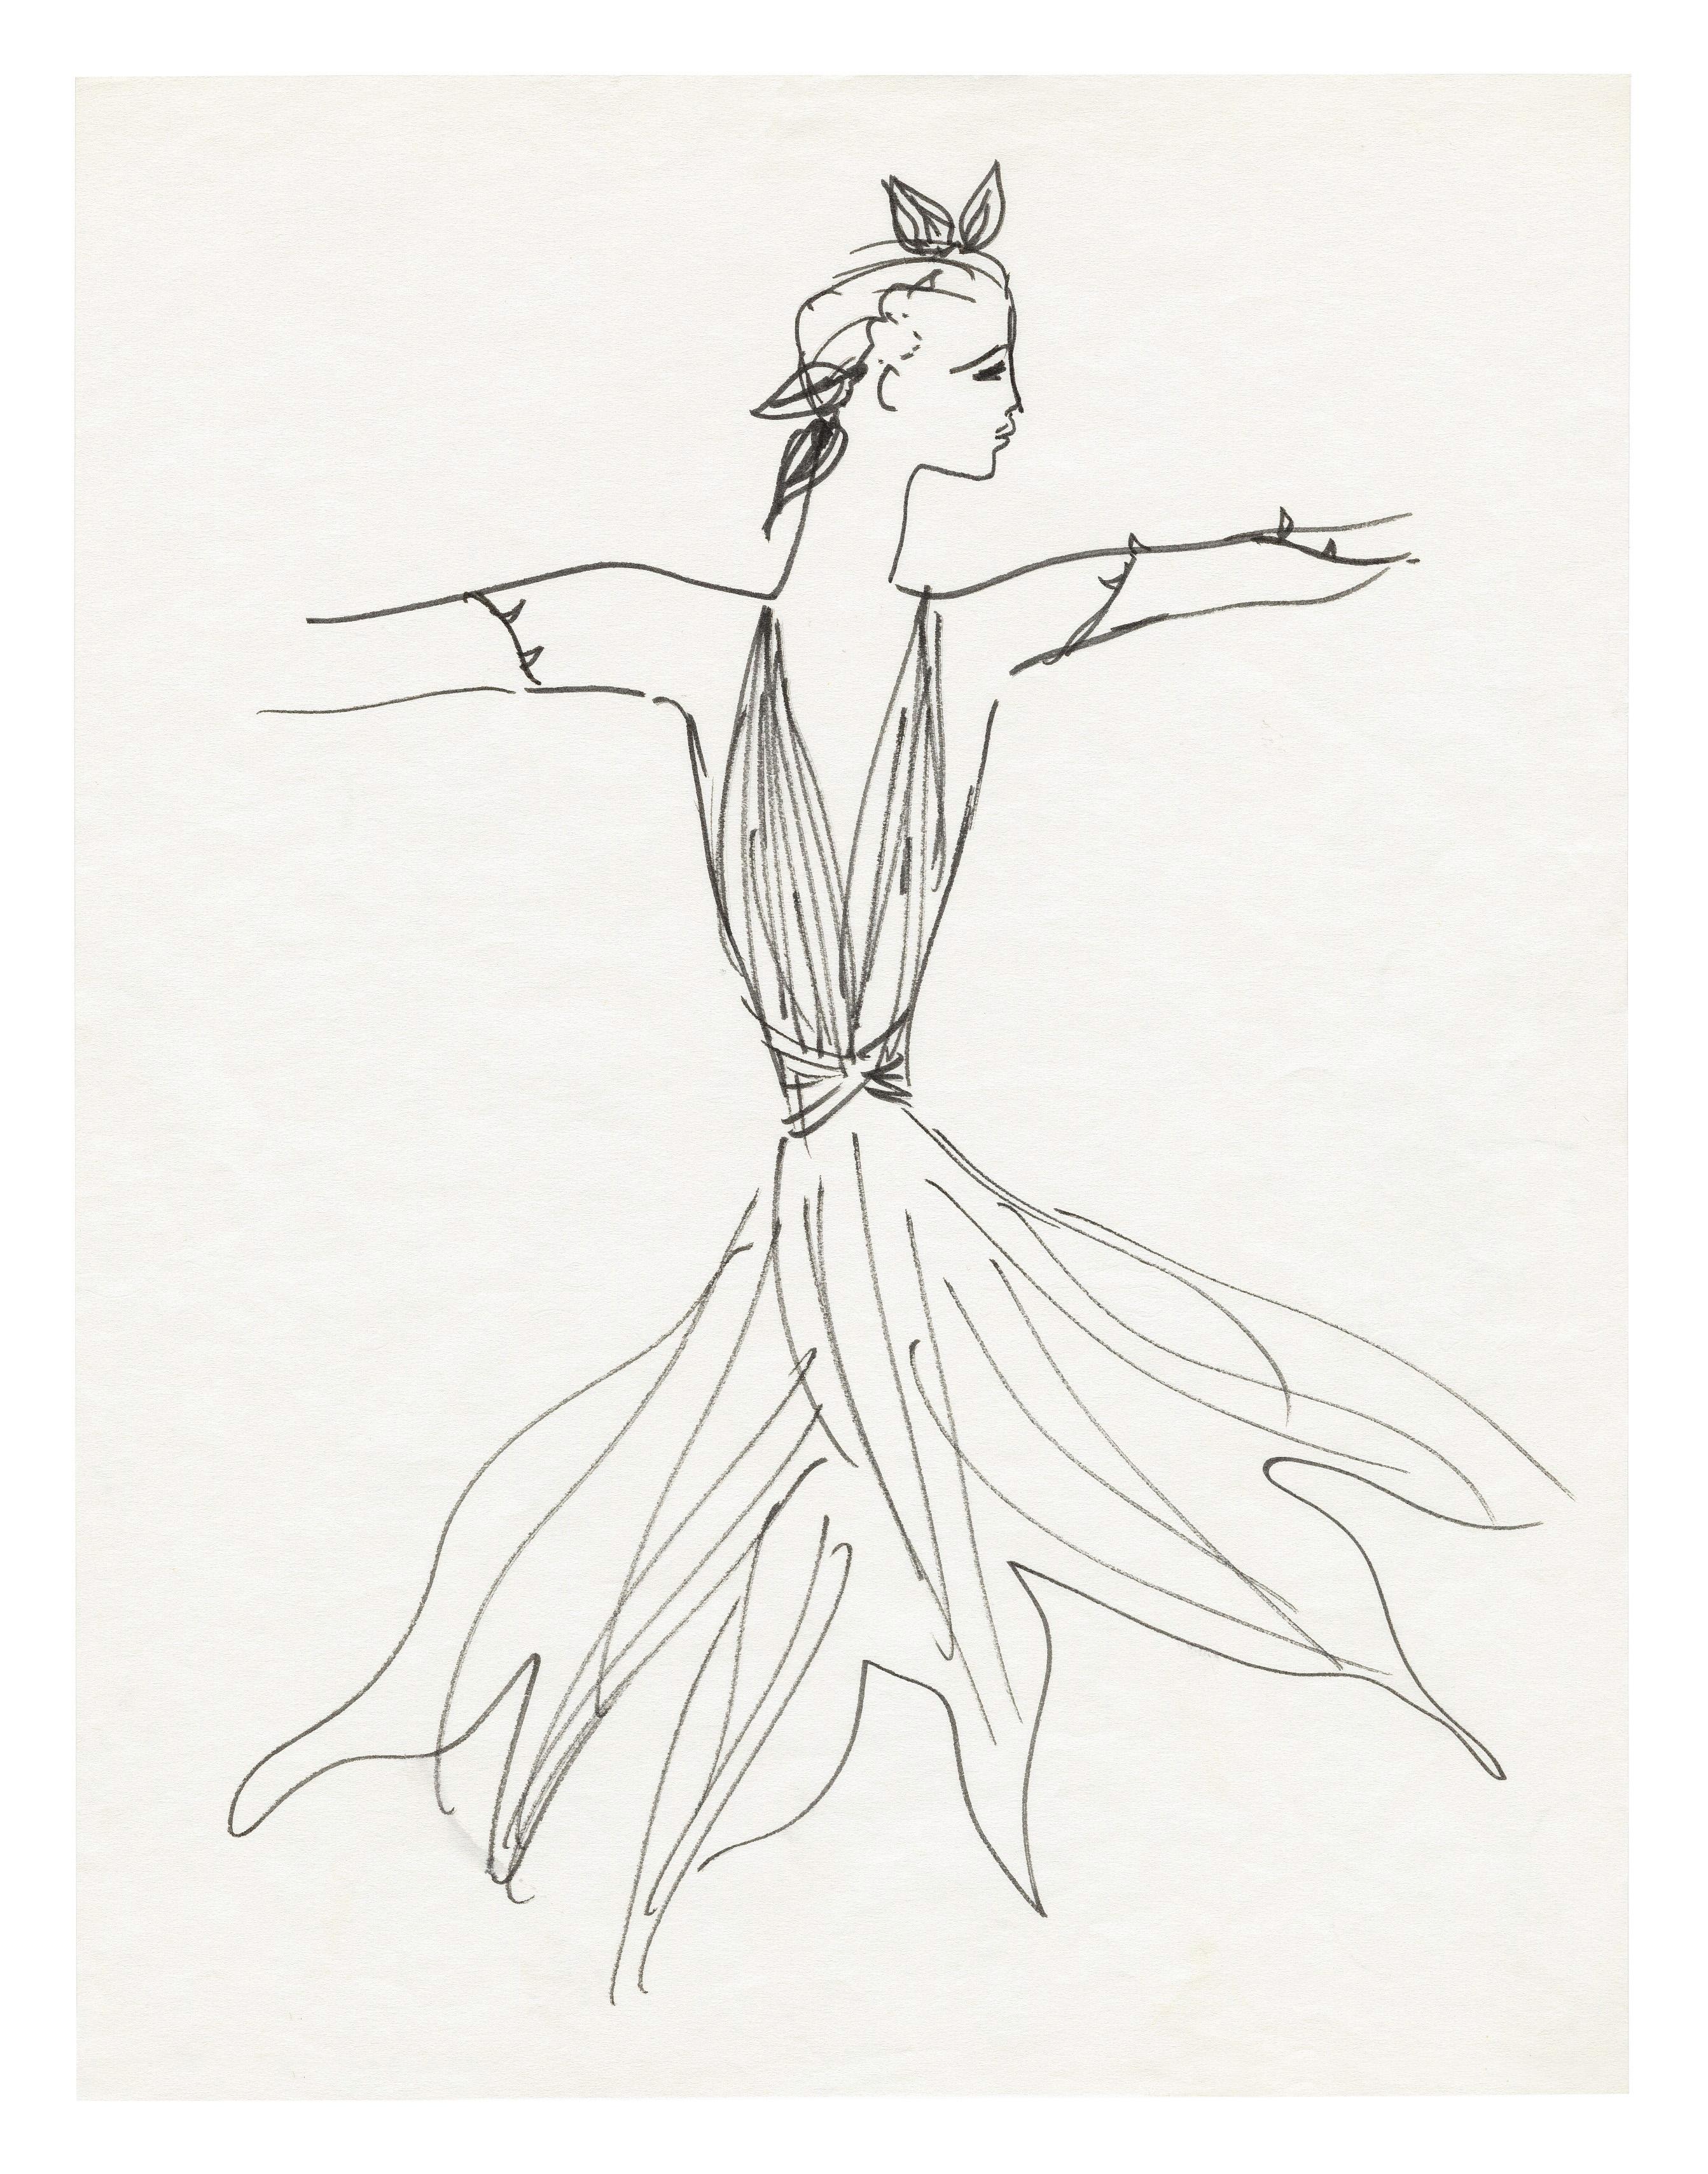 Coloring book yves saint laurent -  For The Ballet La Rose Malade The Sick Rose Directed By Roland Petit At The Palais Des Sports De Paris In 1973 Mus E Yves Saint Laurent Paris